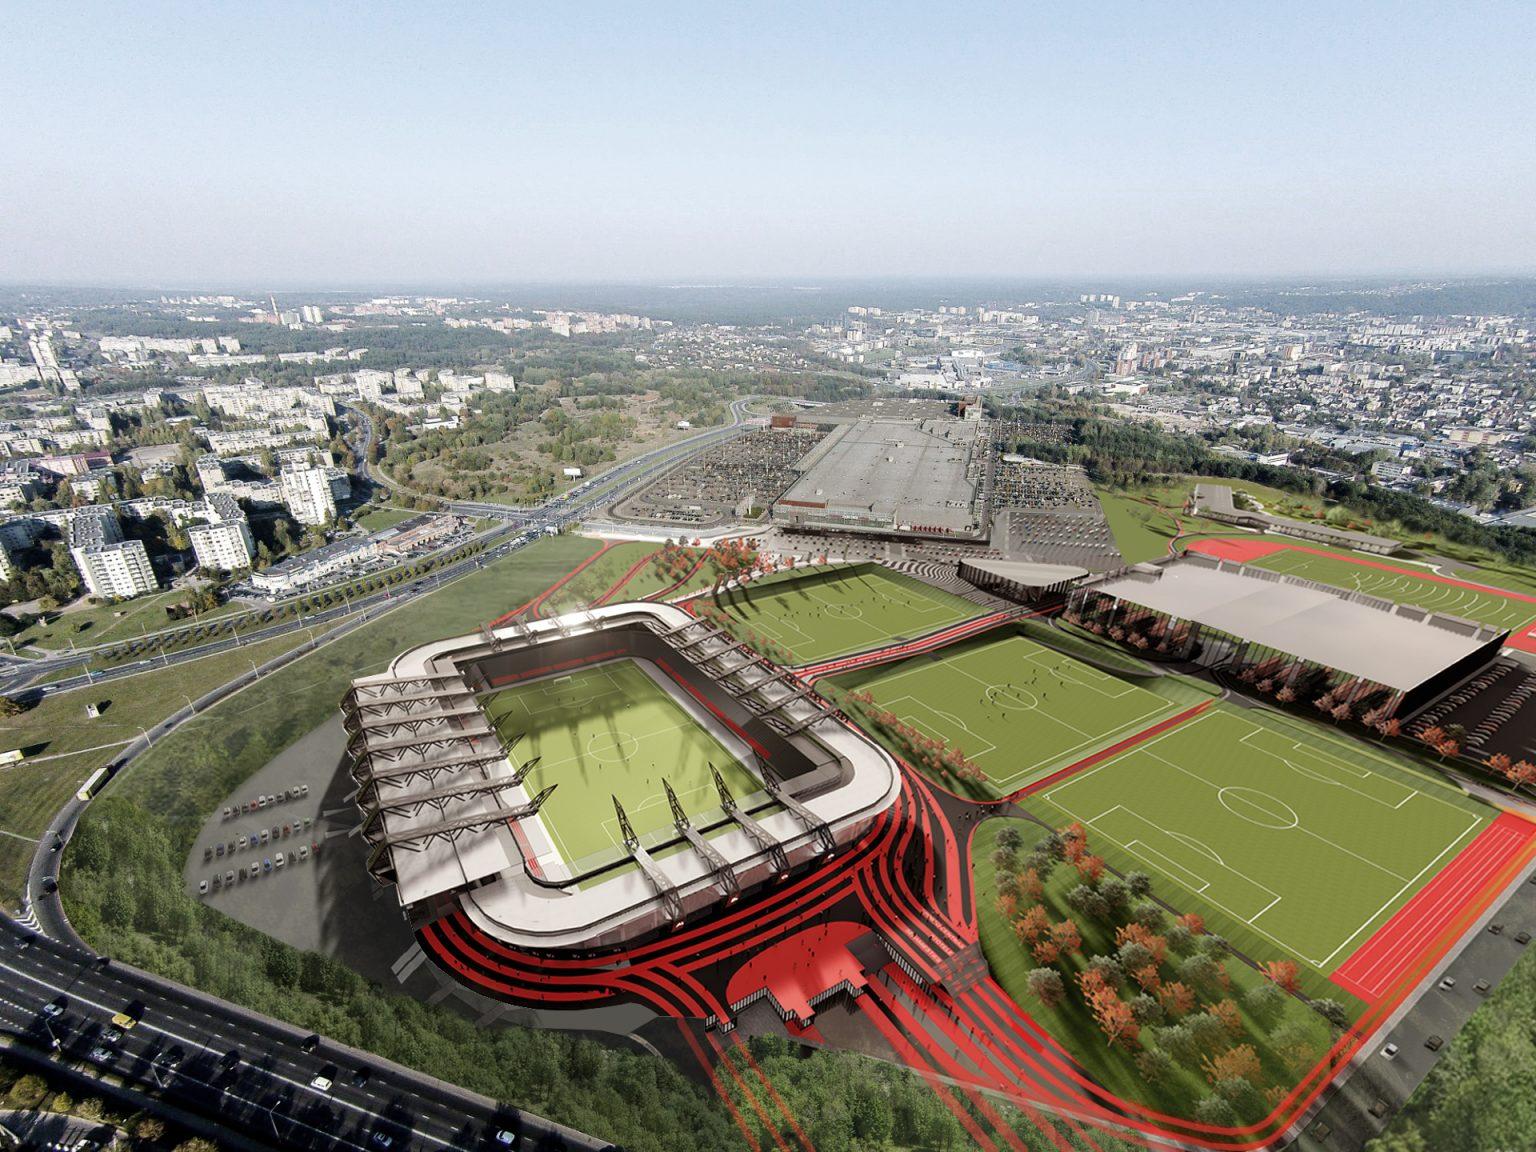 Žalia šviesa koncesijos sutarčiai dėl Nacionalinio stadiono Vilniuje